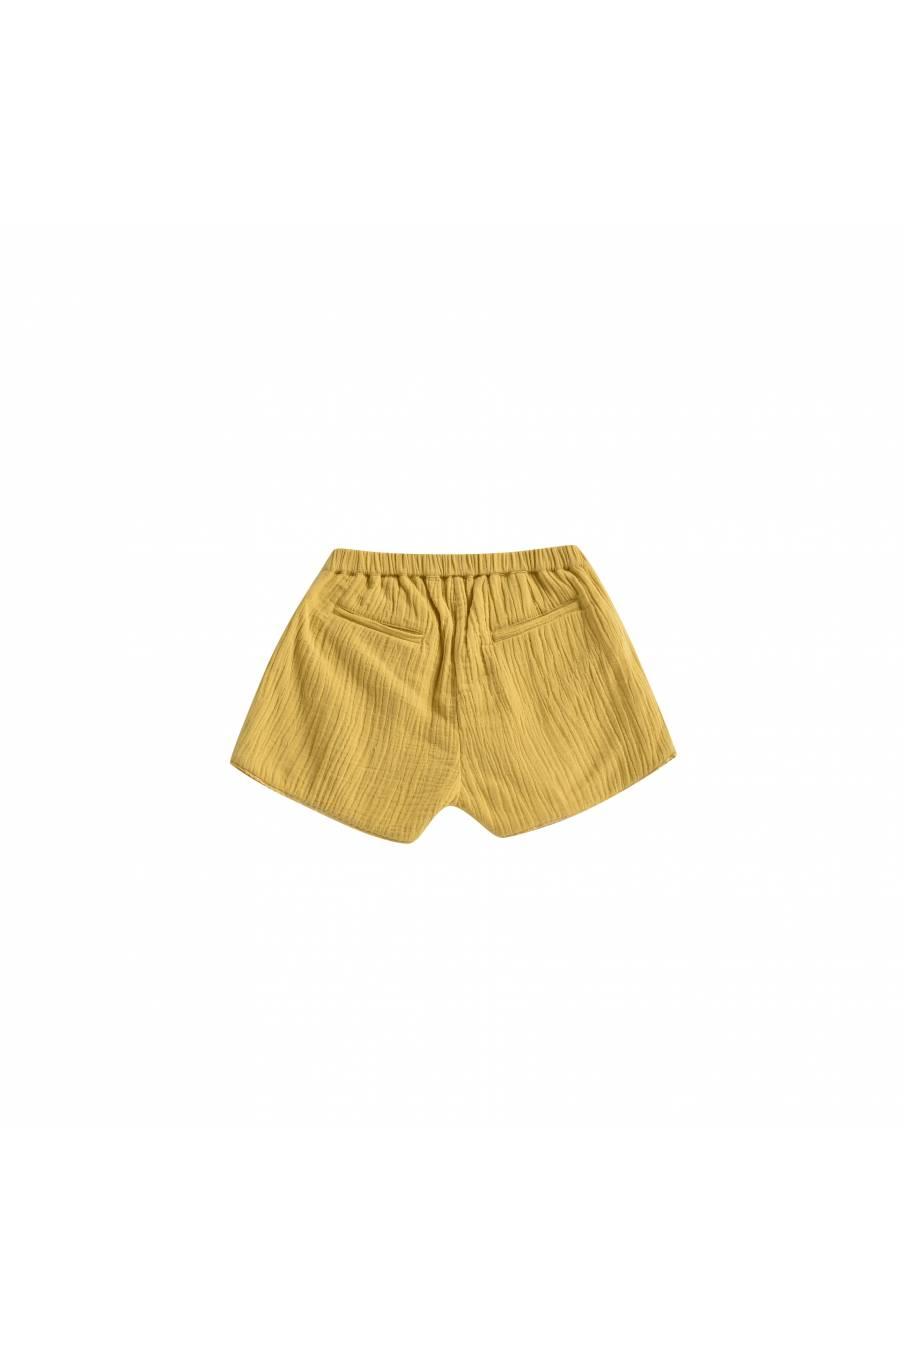 Shorts Ambuda Honey